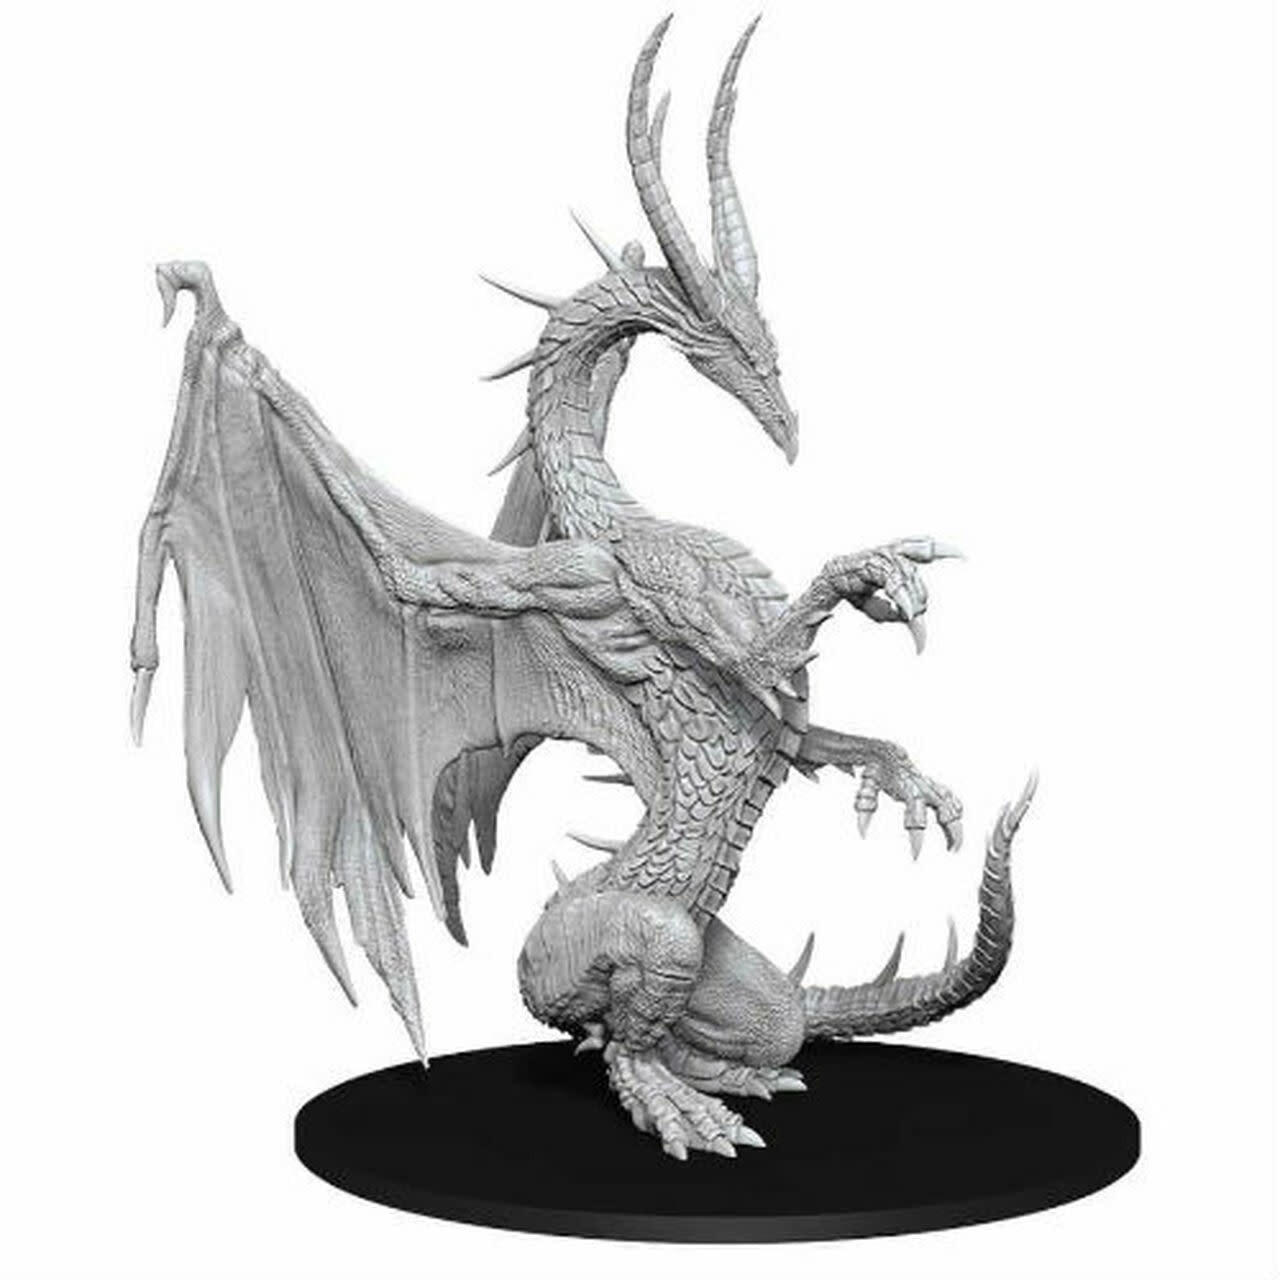 Wizkids Pathfinder Miniatures: Blue Dragon